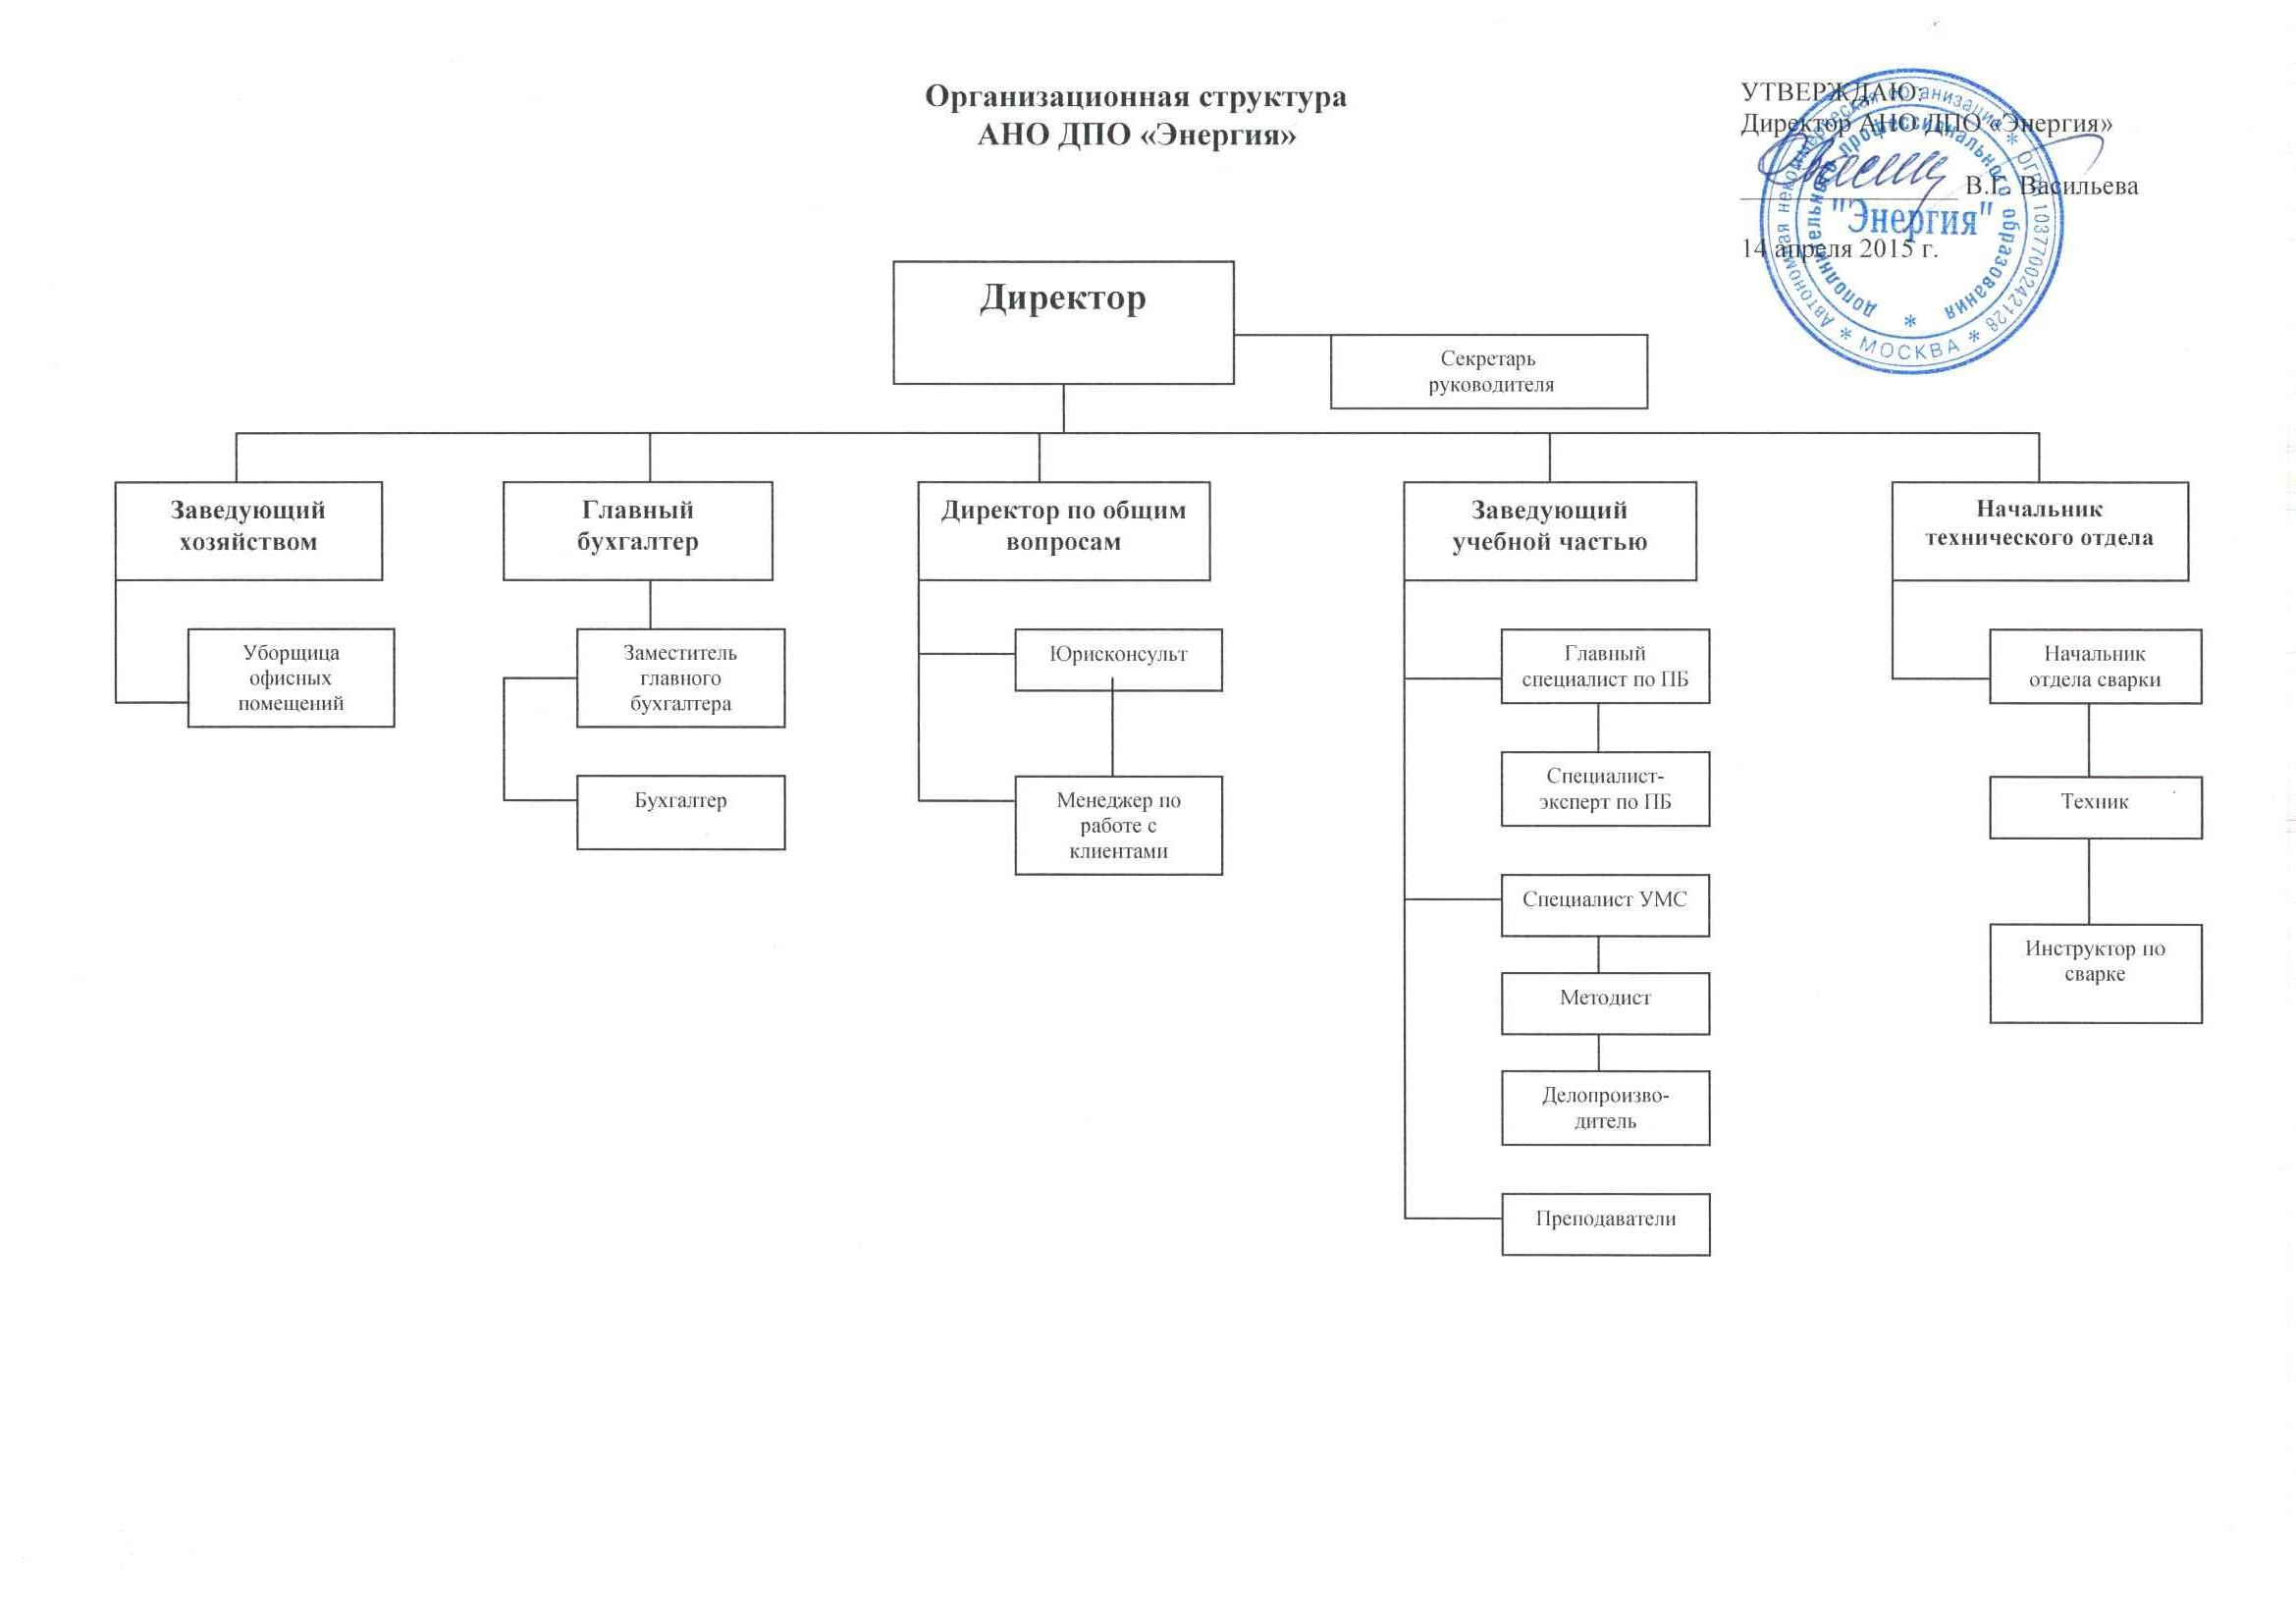 """Организационная структура АНО ДПО """"Энергия"""""""